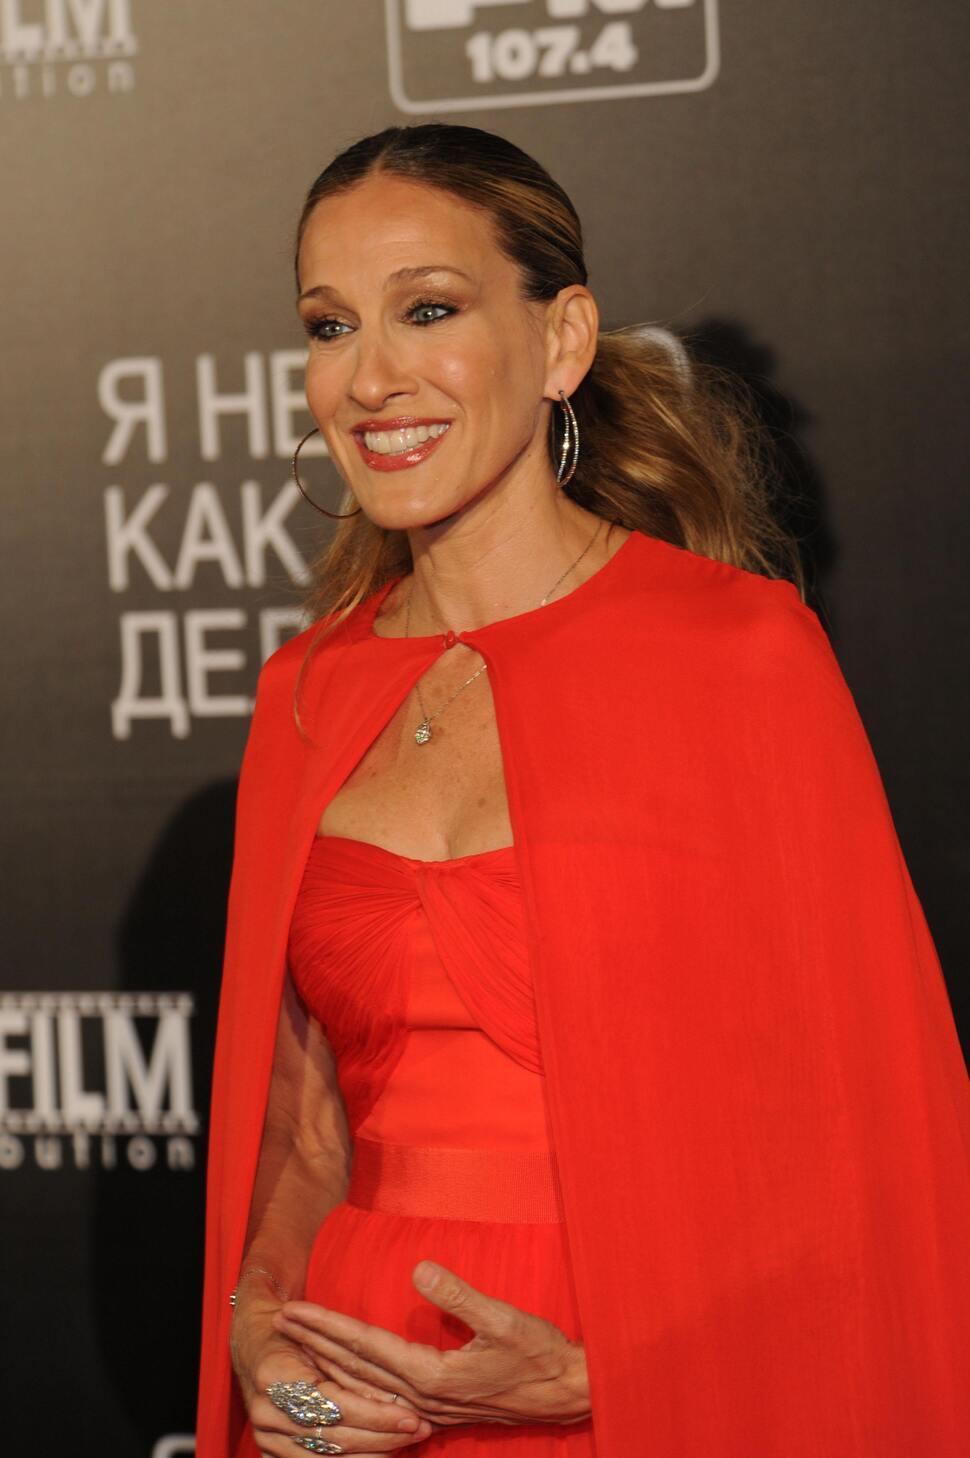 Сара Джессика Паркер представила фильм «Я не знаю, как она делает это» в Москве